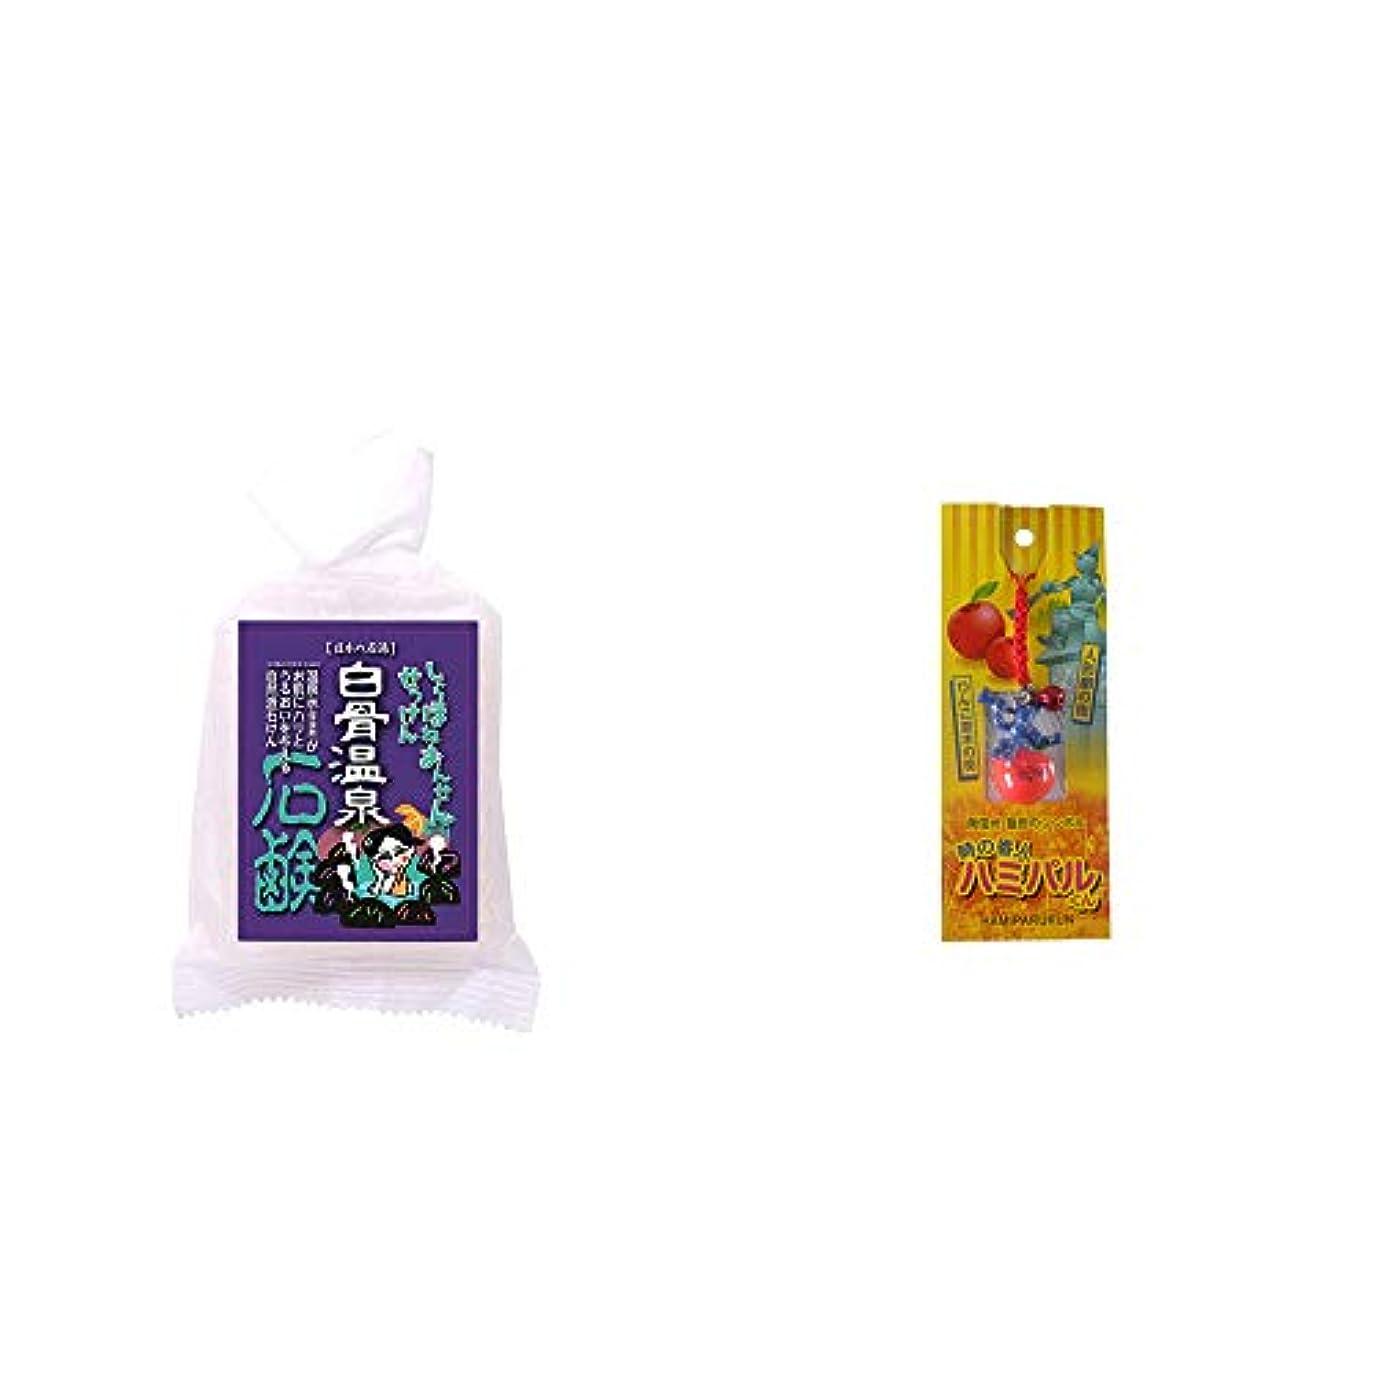 しなやか熟読する欠如[2点セット] 信州 白骨温泉石鹸(80g)?信州?飯田のシンボル 時の番人ハミパルくんストラップ